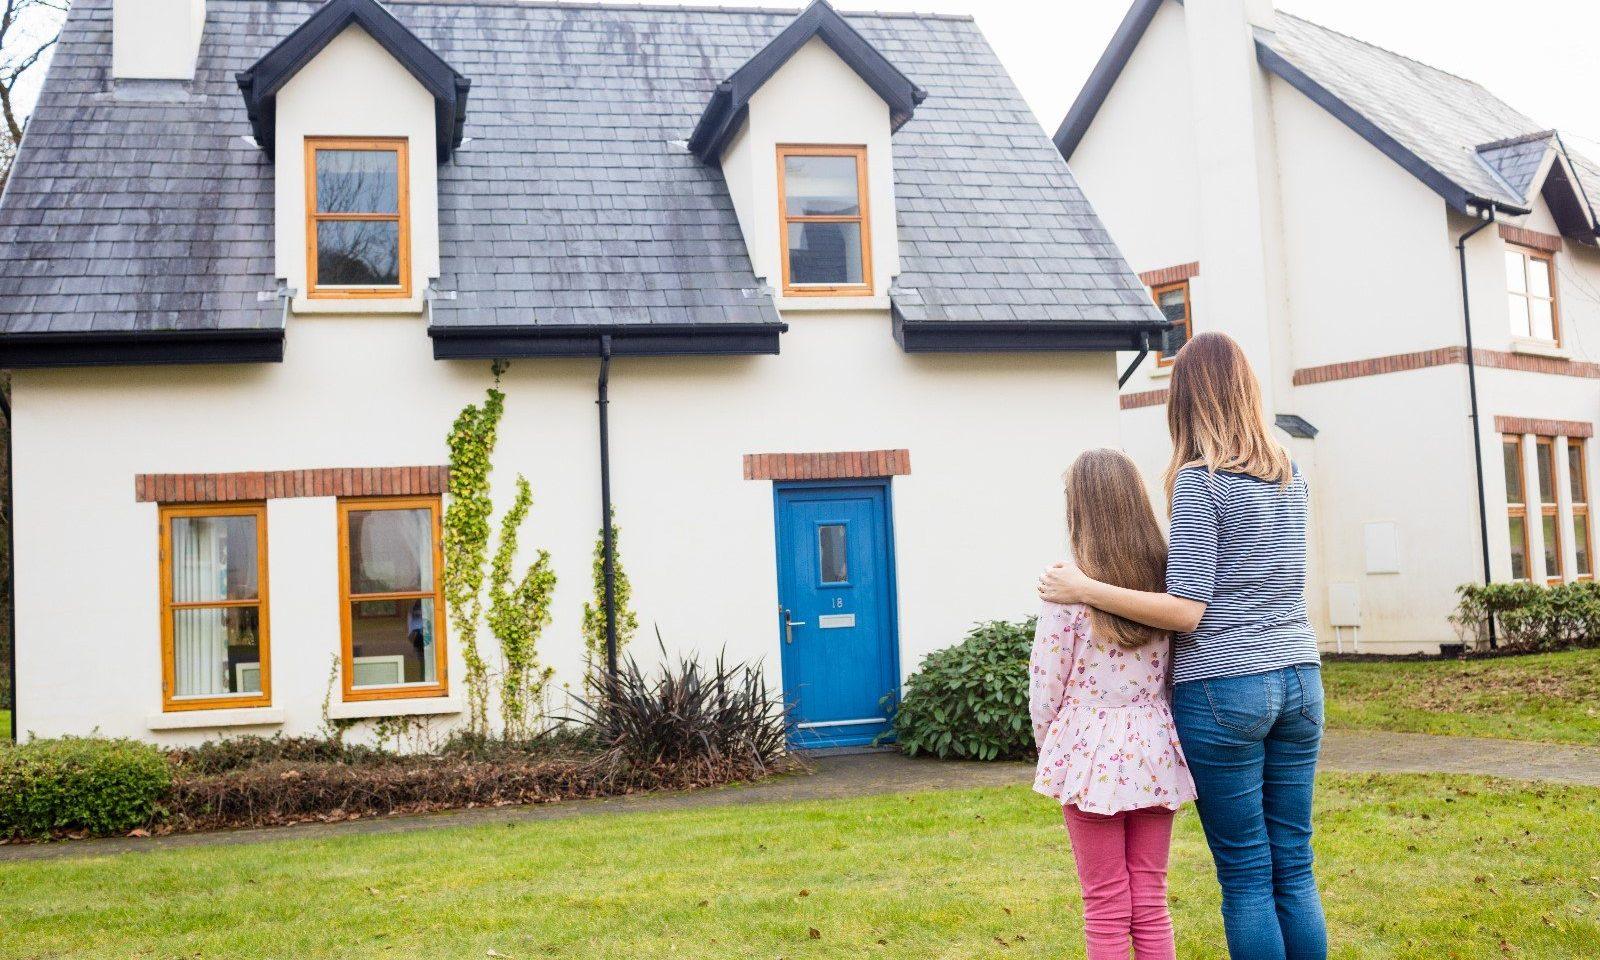 Assicurazione casa quale scegliere